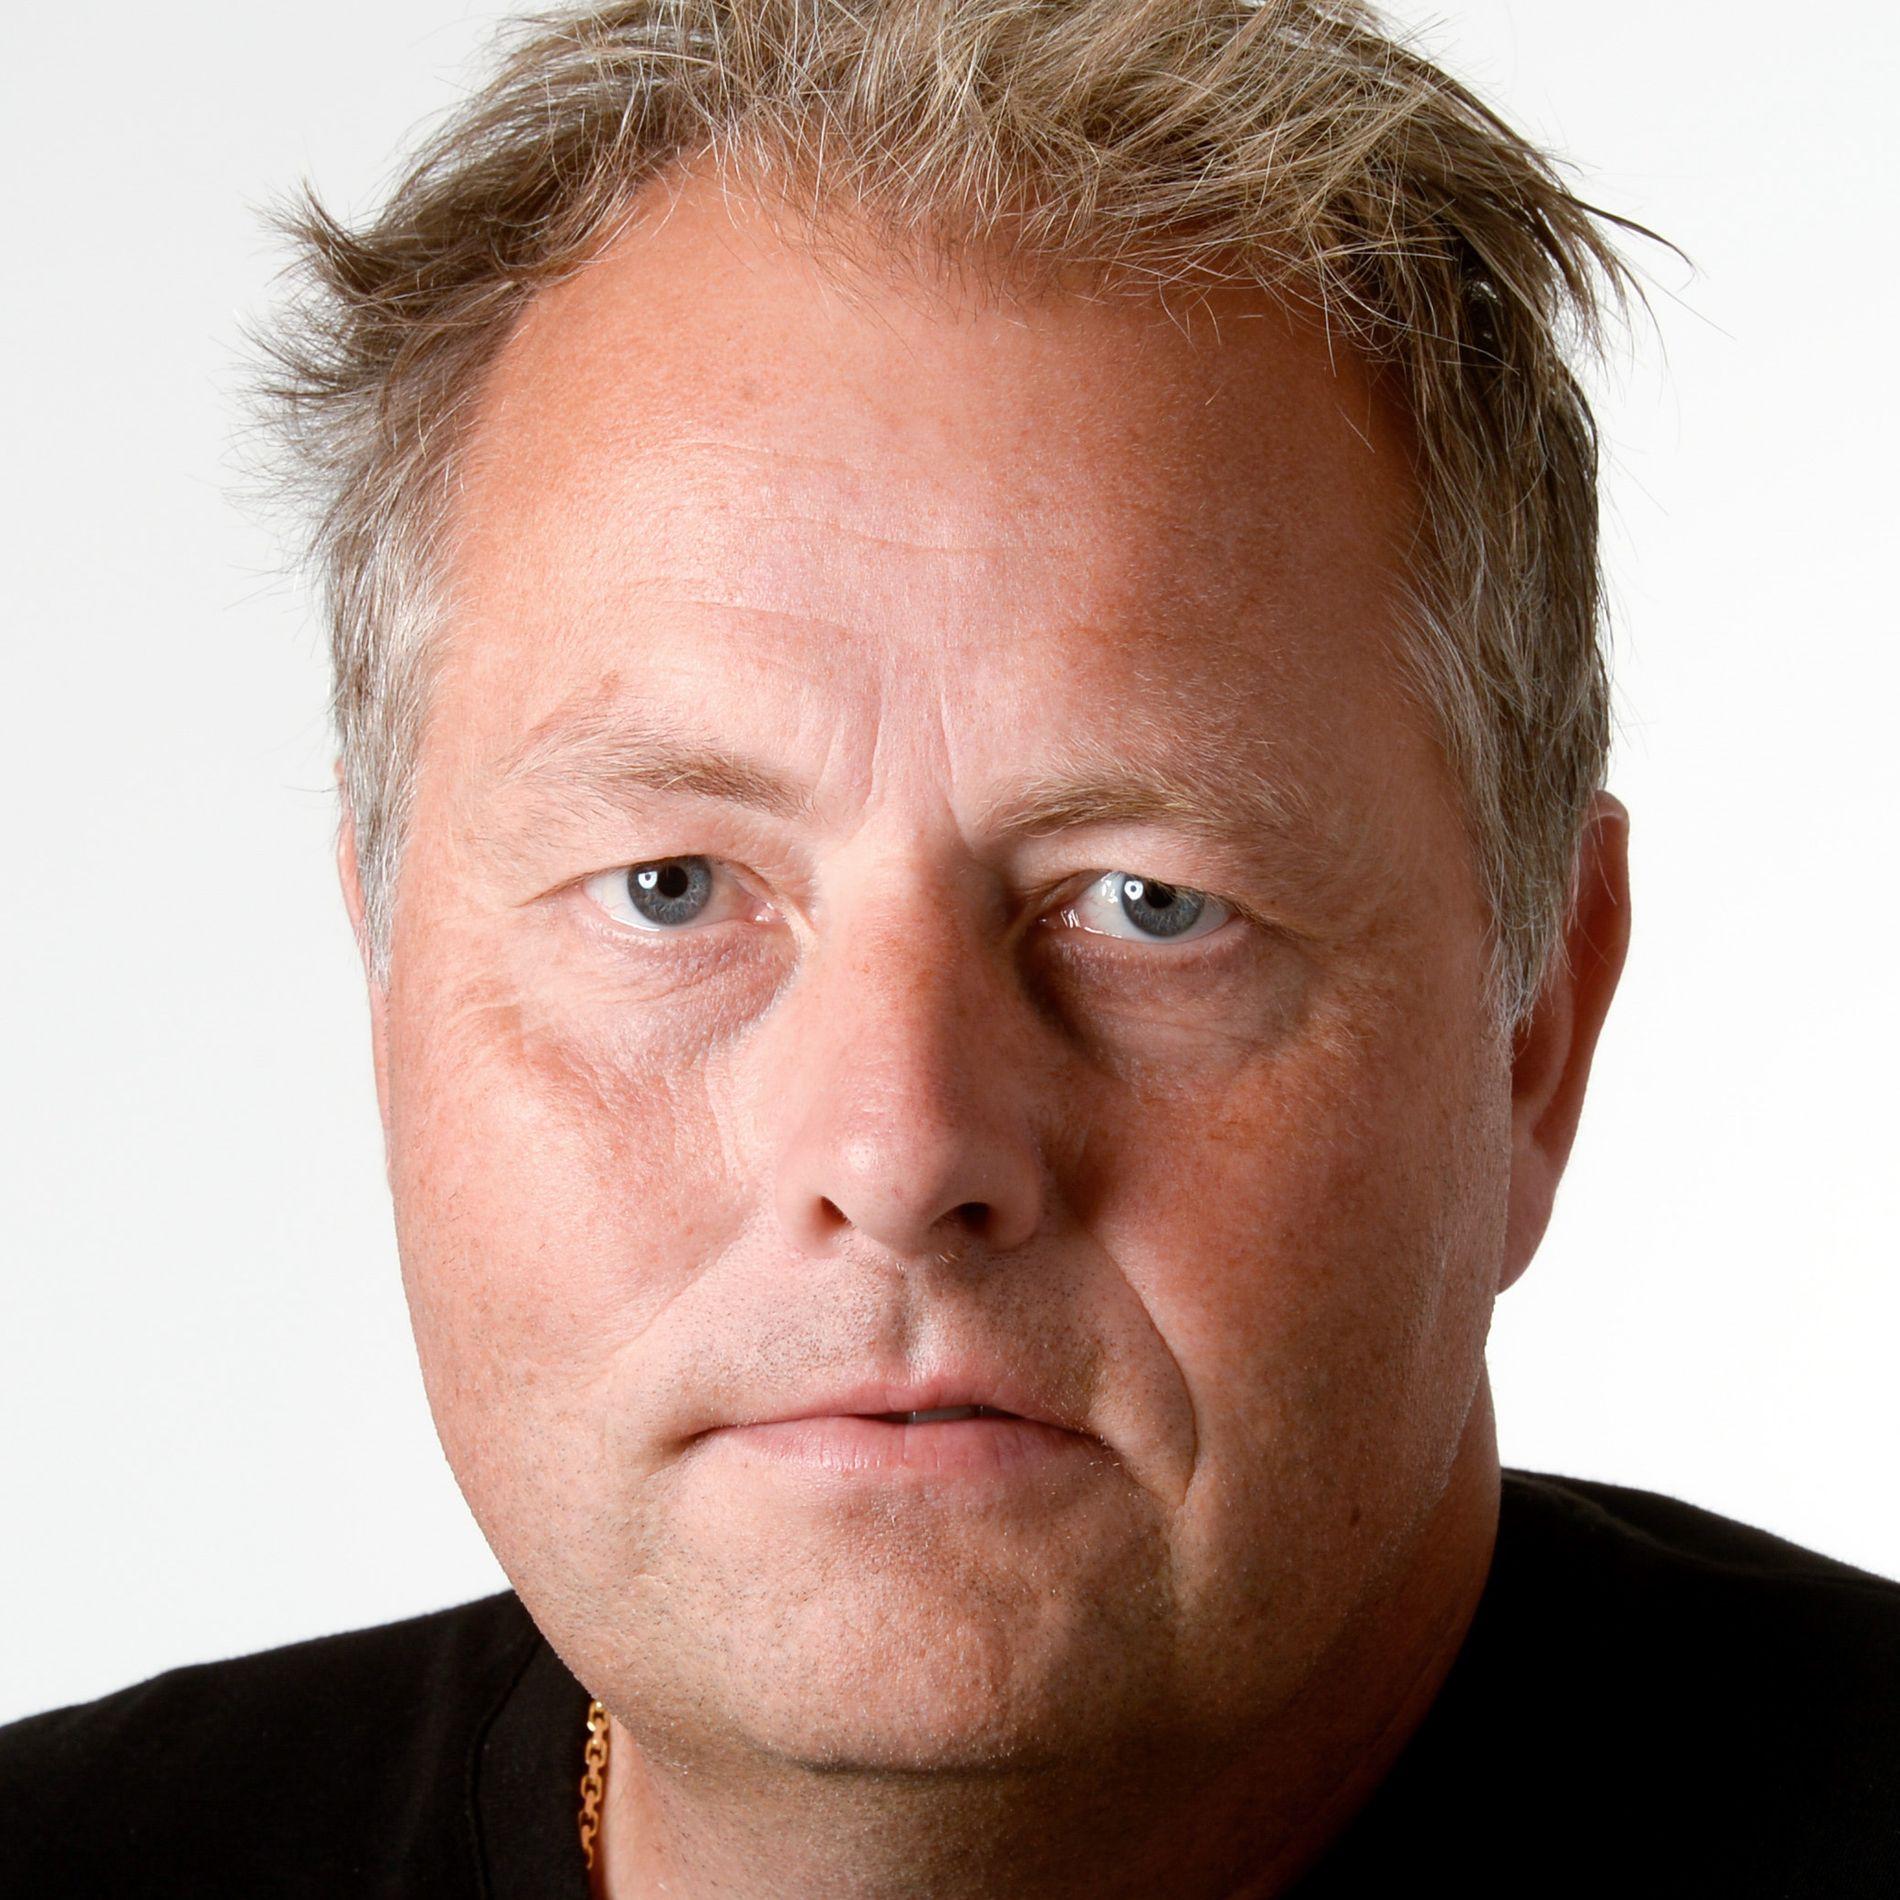 Frode S. Lindboe